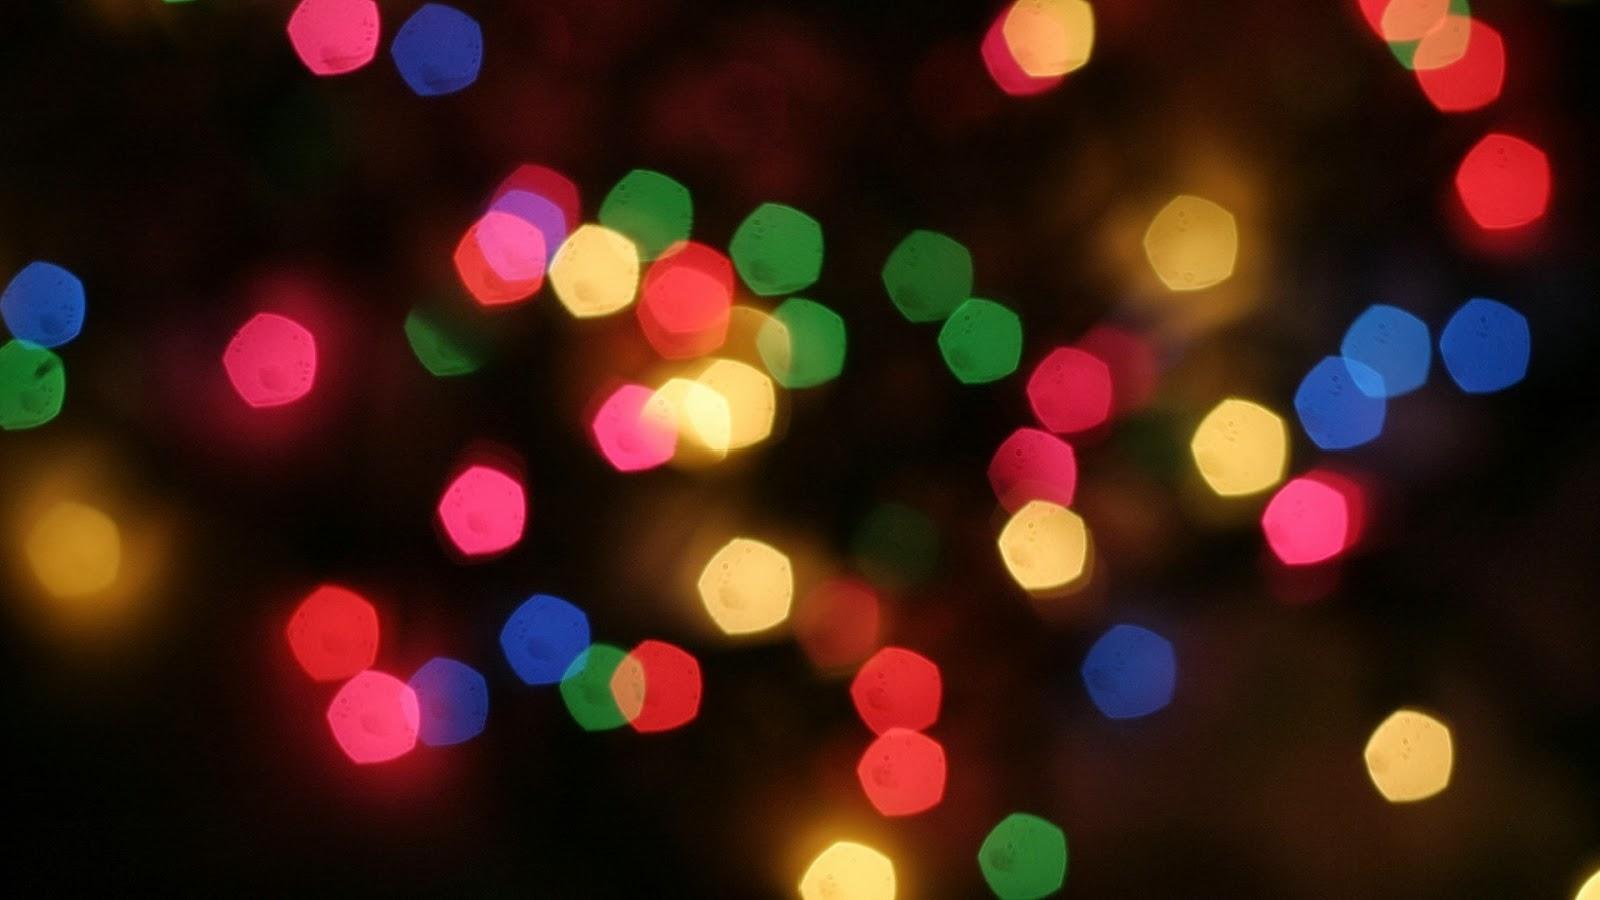 Tumblr Fondos De Pantalla De Navidad: Imagenes Hilandy: Fondo De Pantalla Abstracto Efecto En